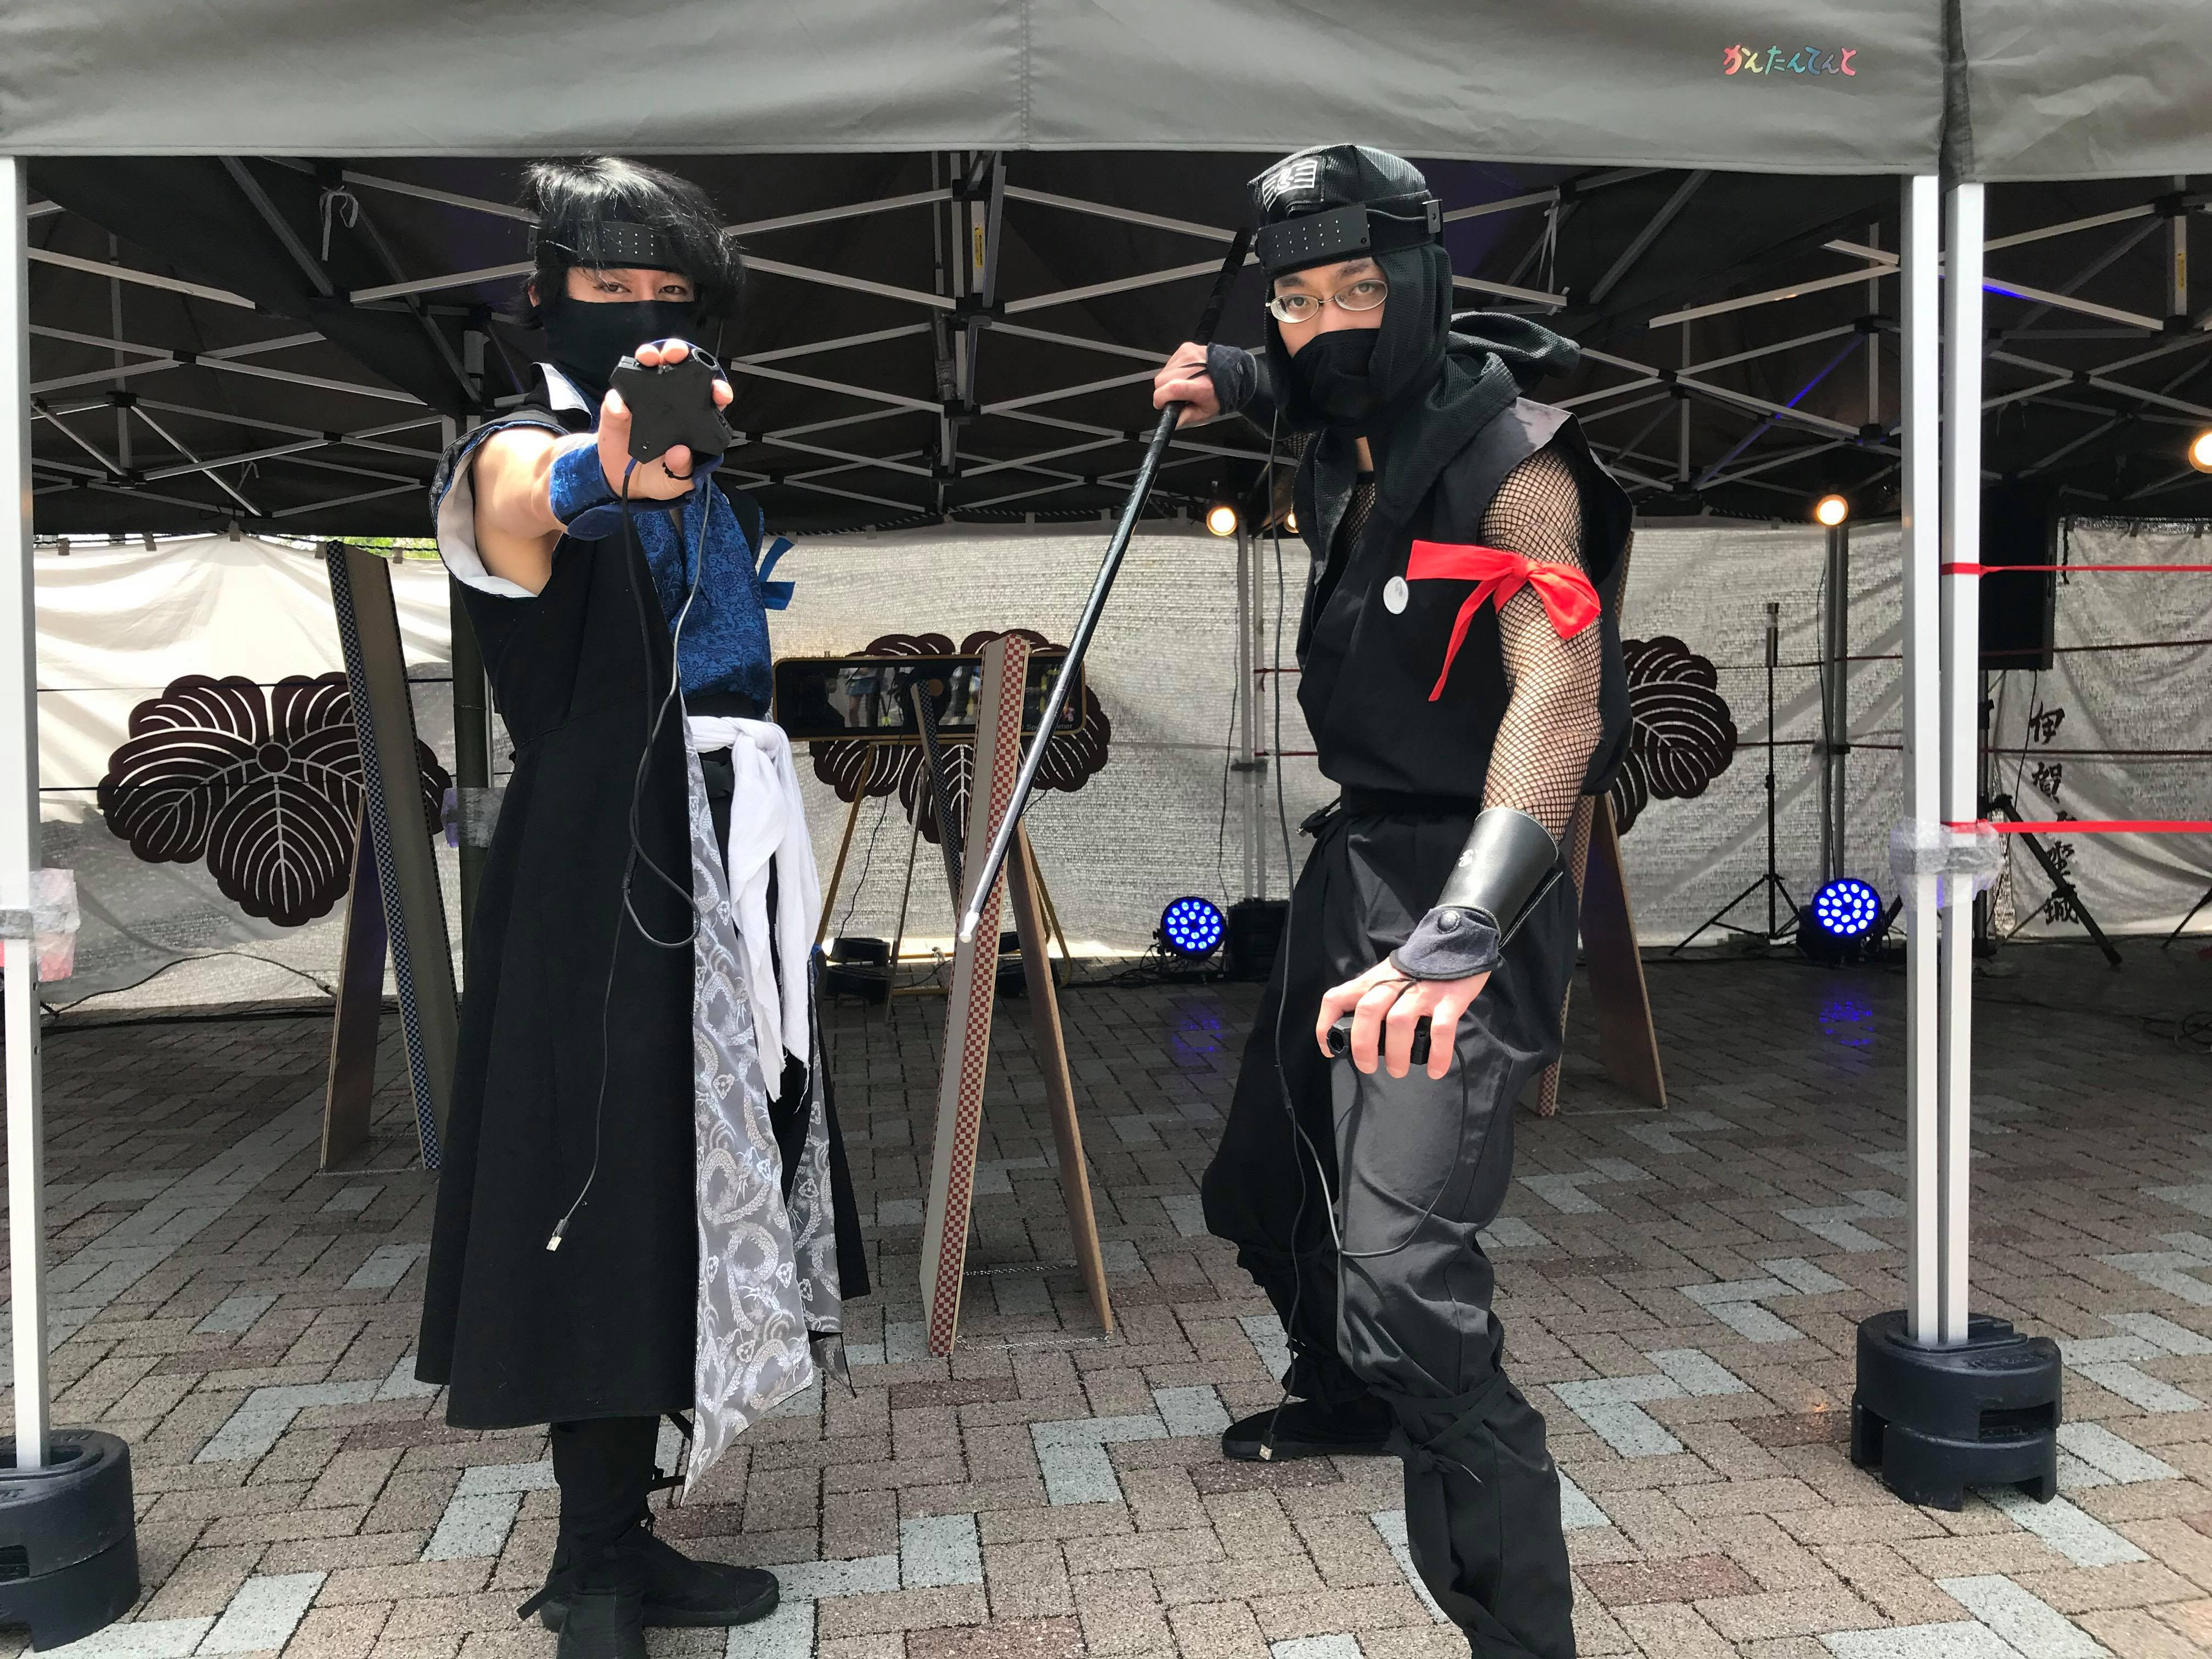 2回戦(〇むくろvsMr.忍✖)